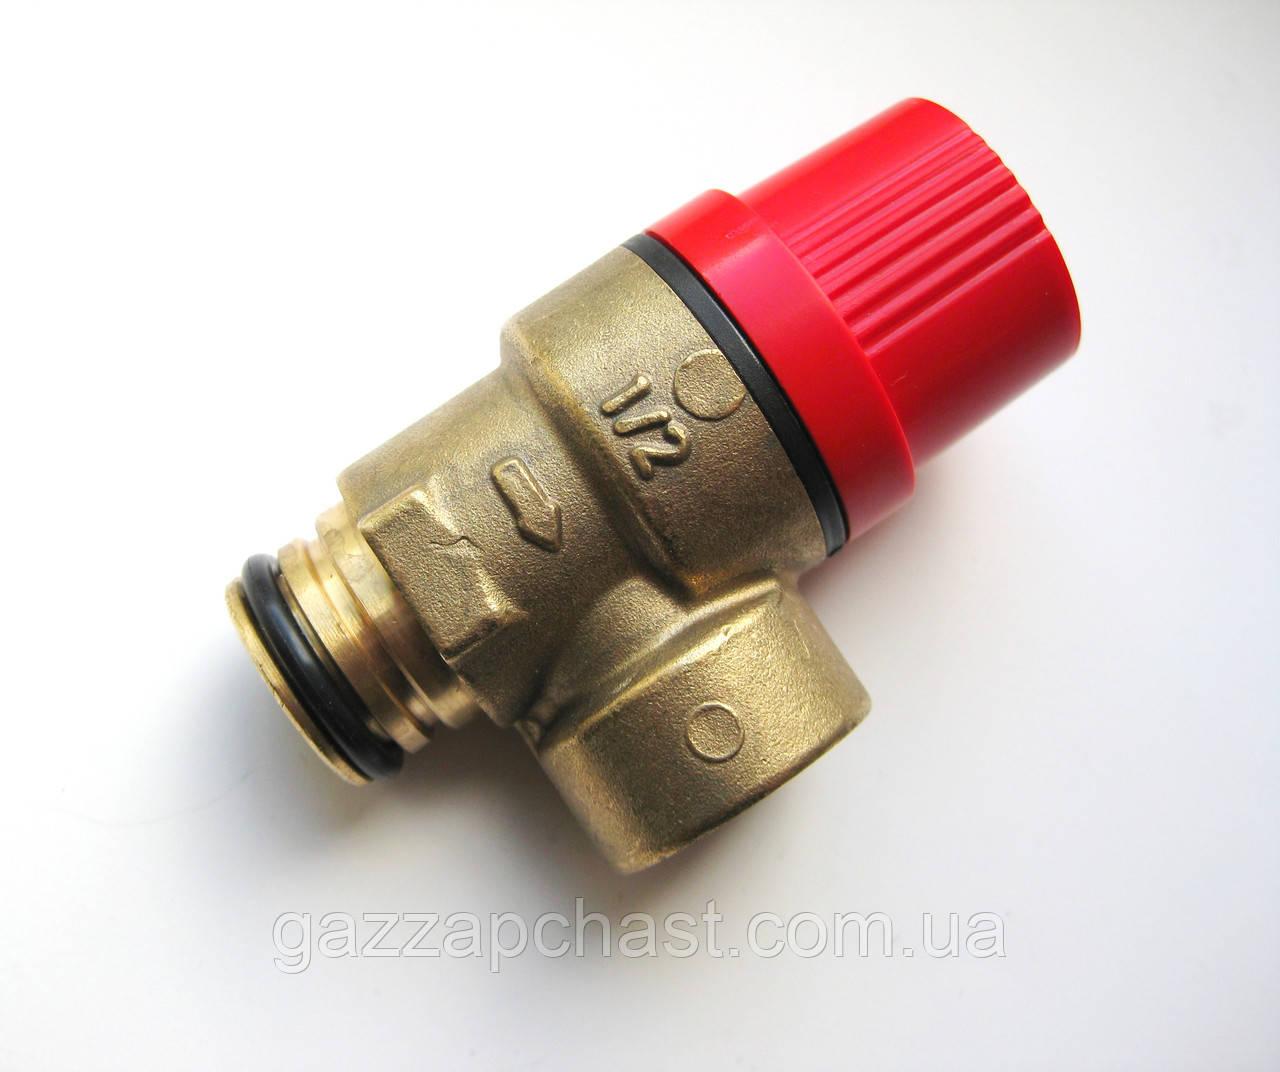 Клапан запобіжний Ferroli (39818270)